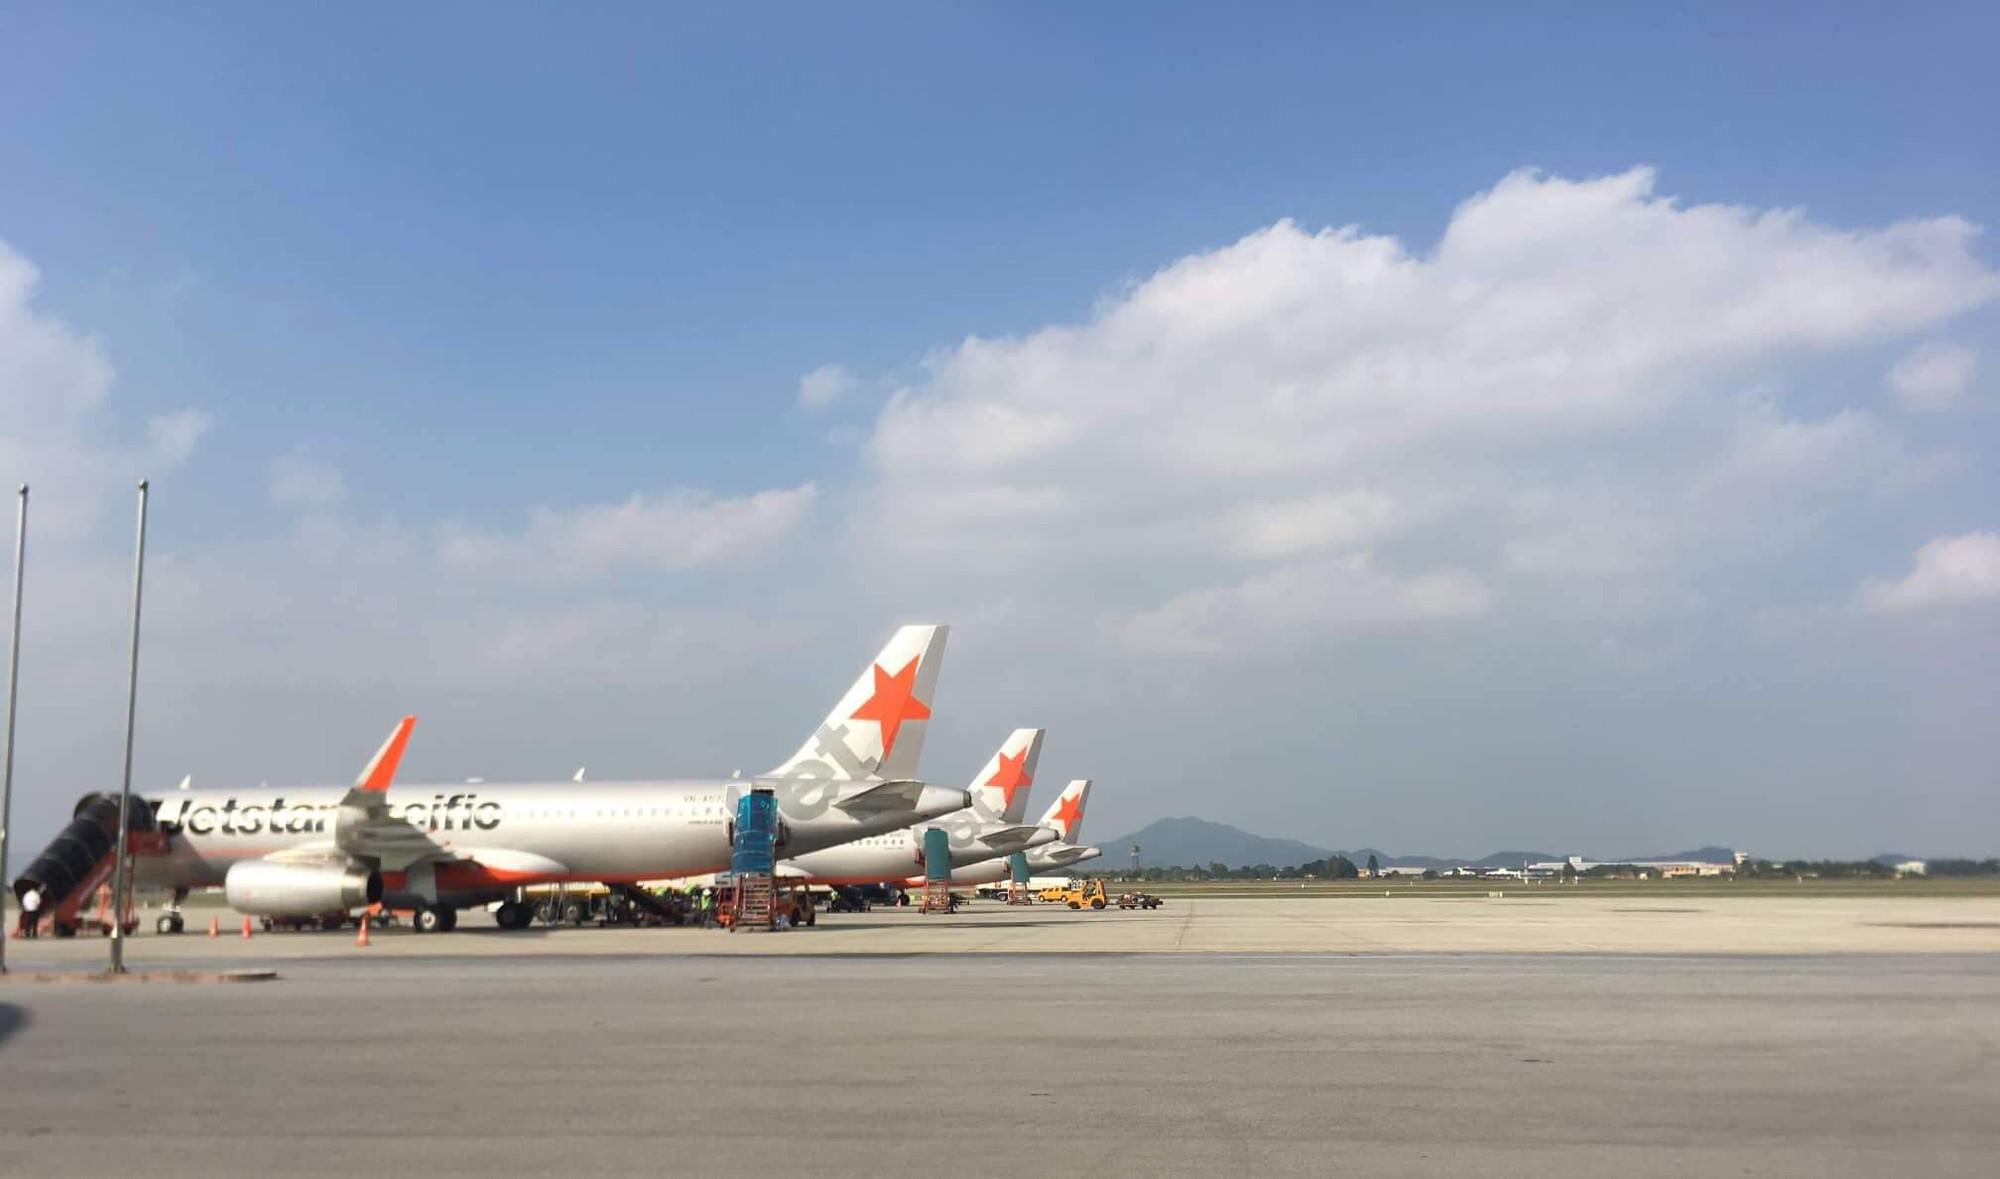 Máy bay đi TP.HCM phải quay đầu cấp cứu nữ hành khách bị khó thở do uống nhiều cà phê, thiếu ngủ - Ảnh 1.